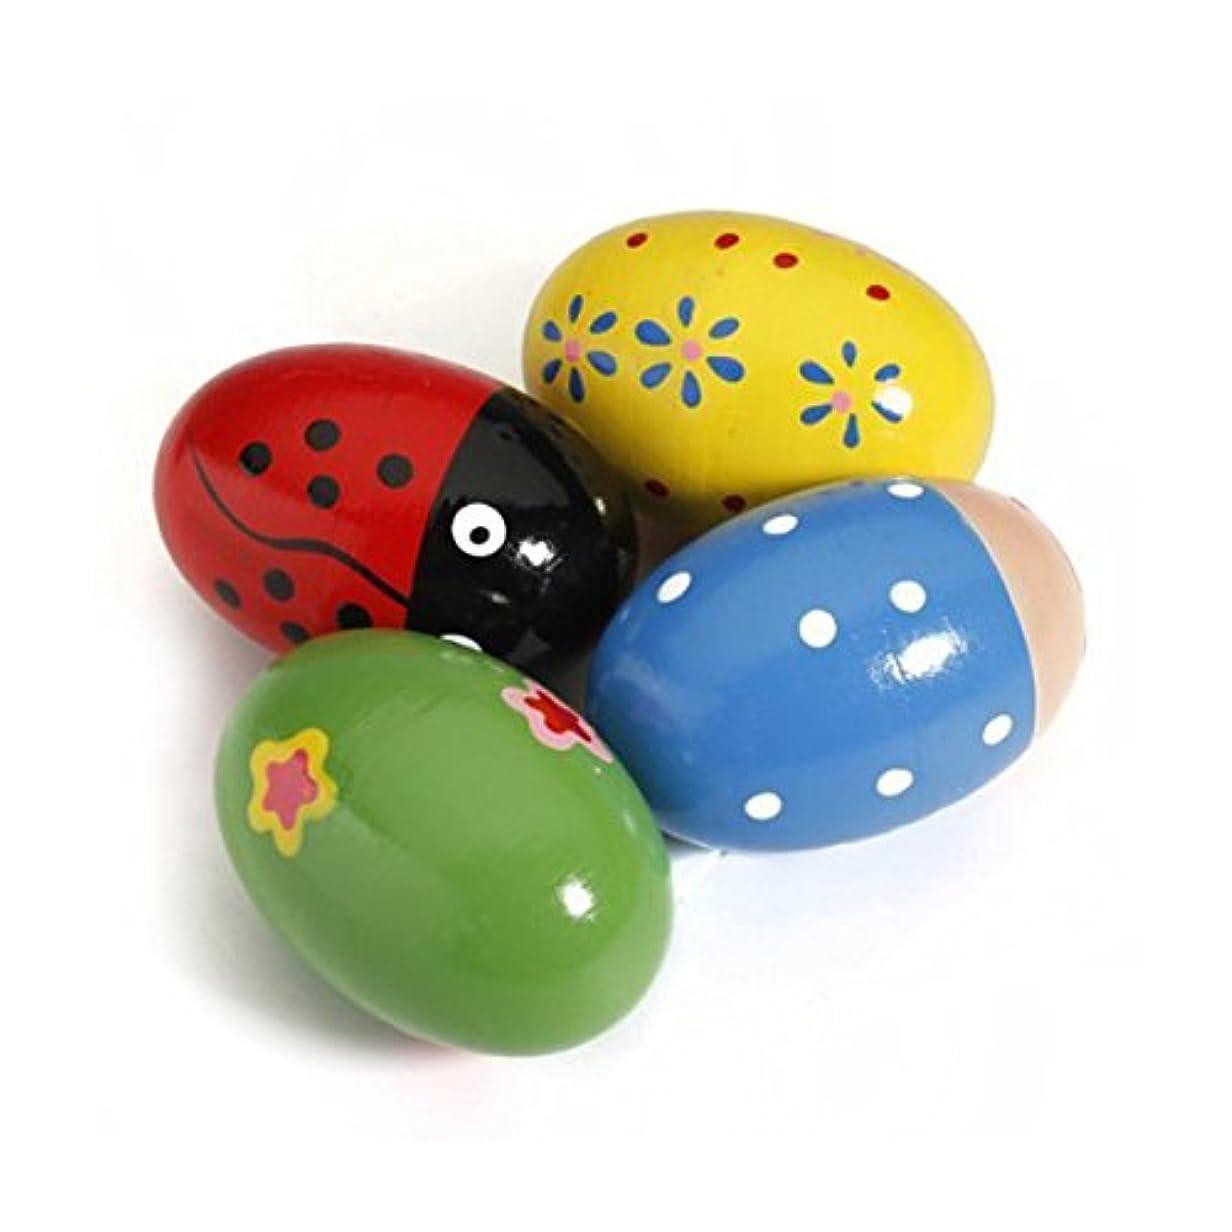 タンザニア縁石バタフライTOYMYTOY 4本卵のシェーカー木製レトロエッグ形音楽パーカッション玩具子供用(ランダムカラー)